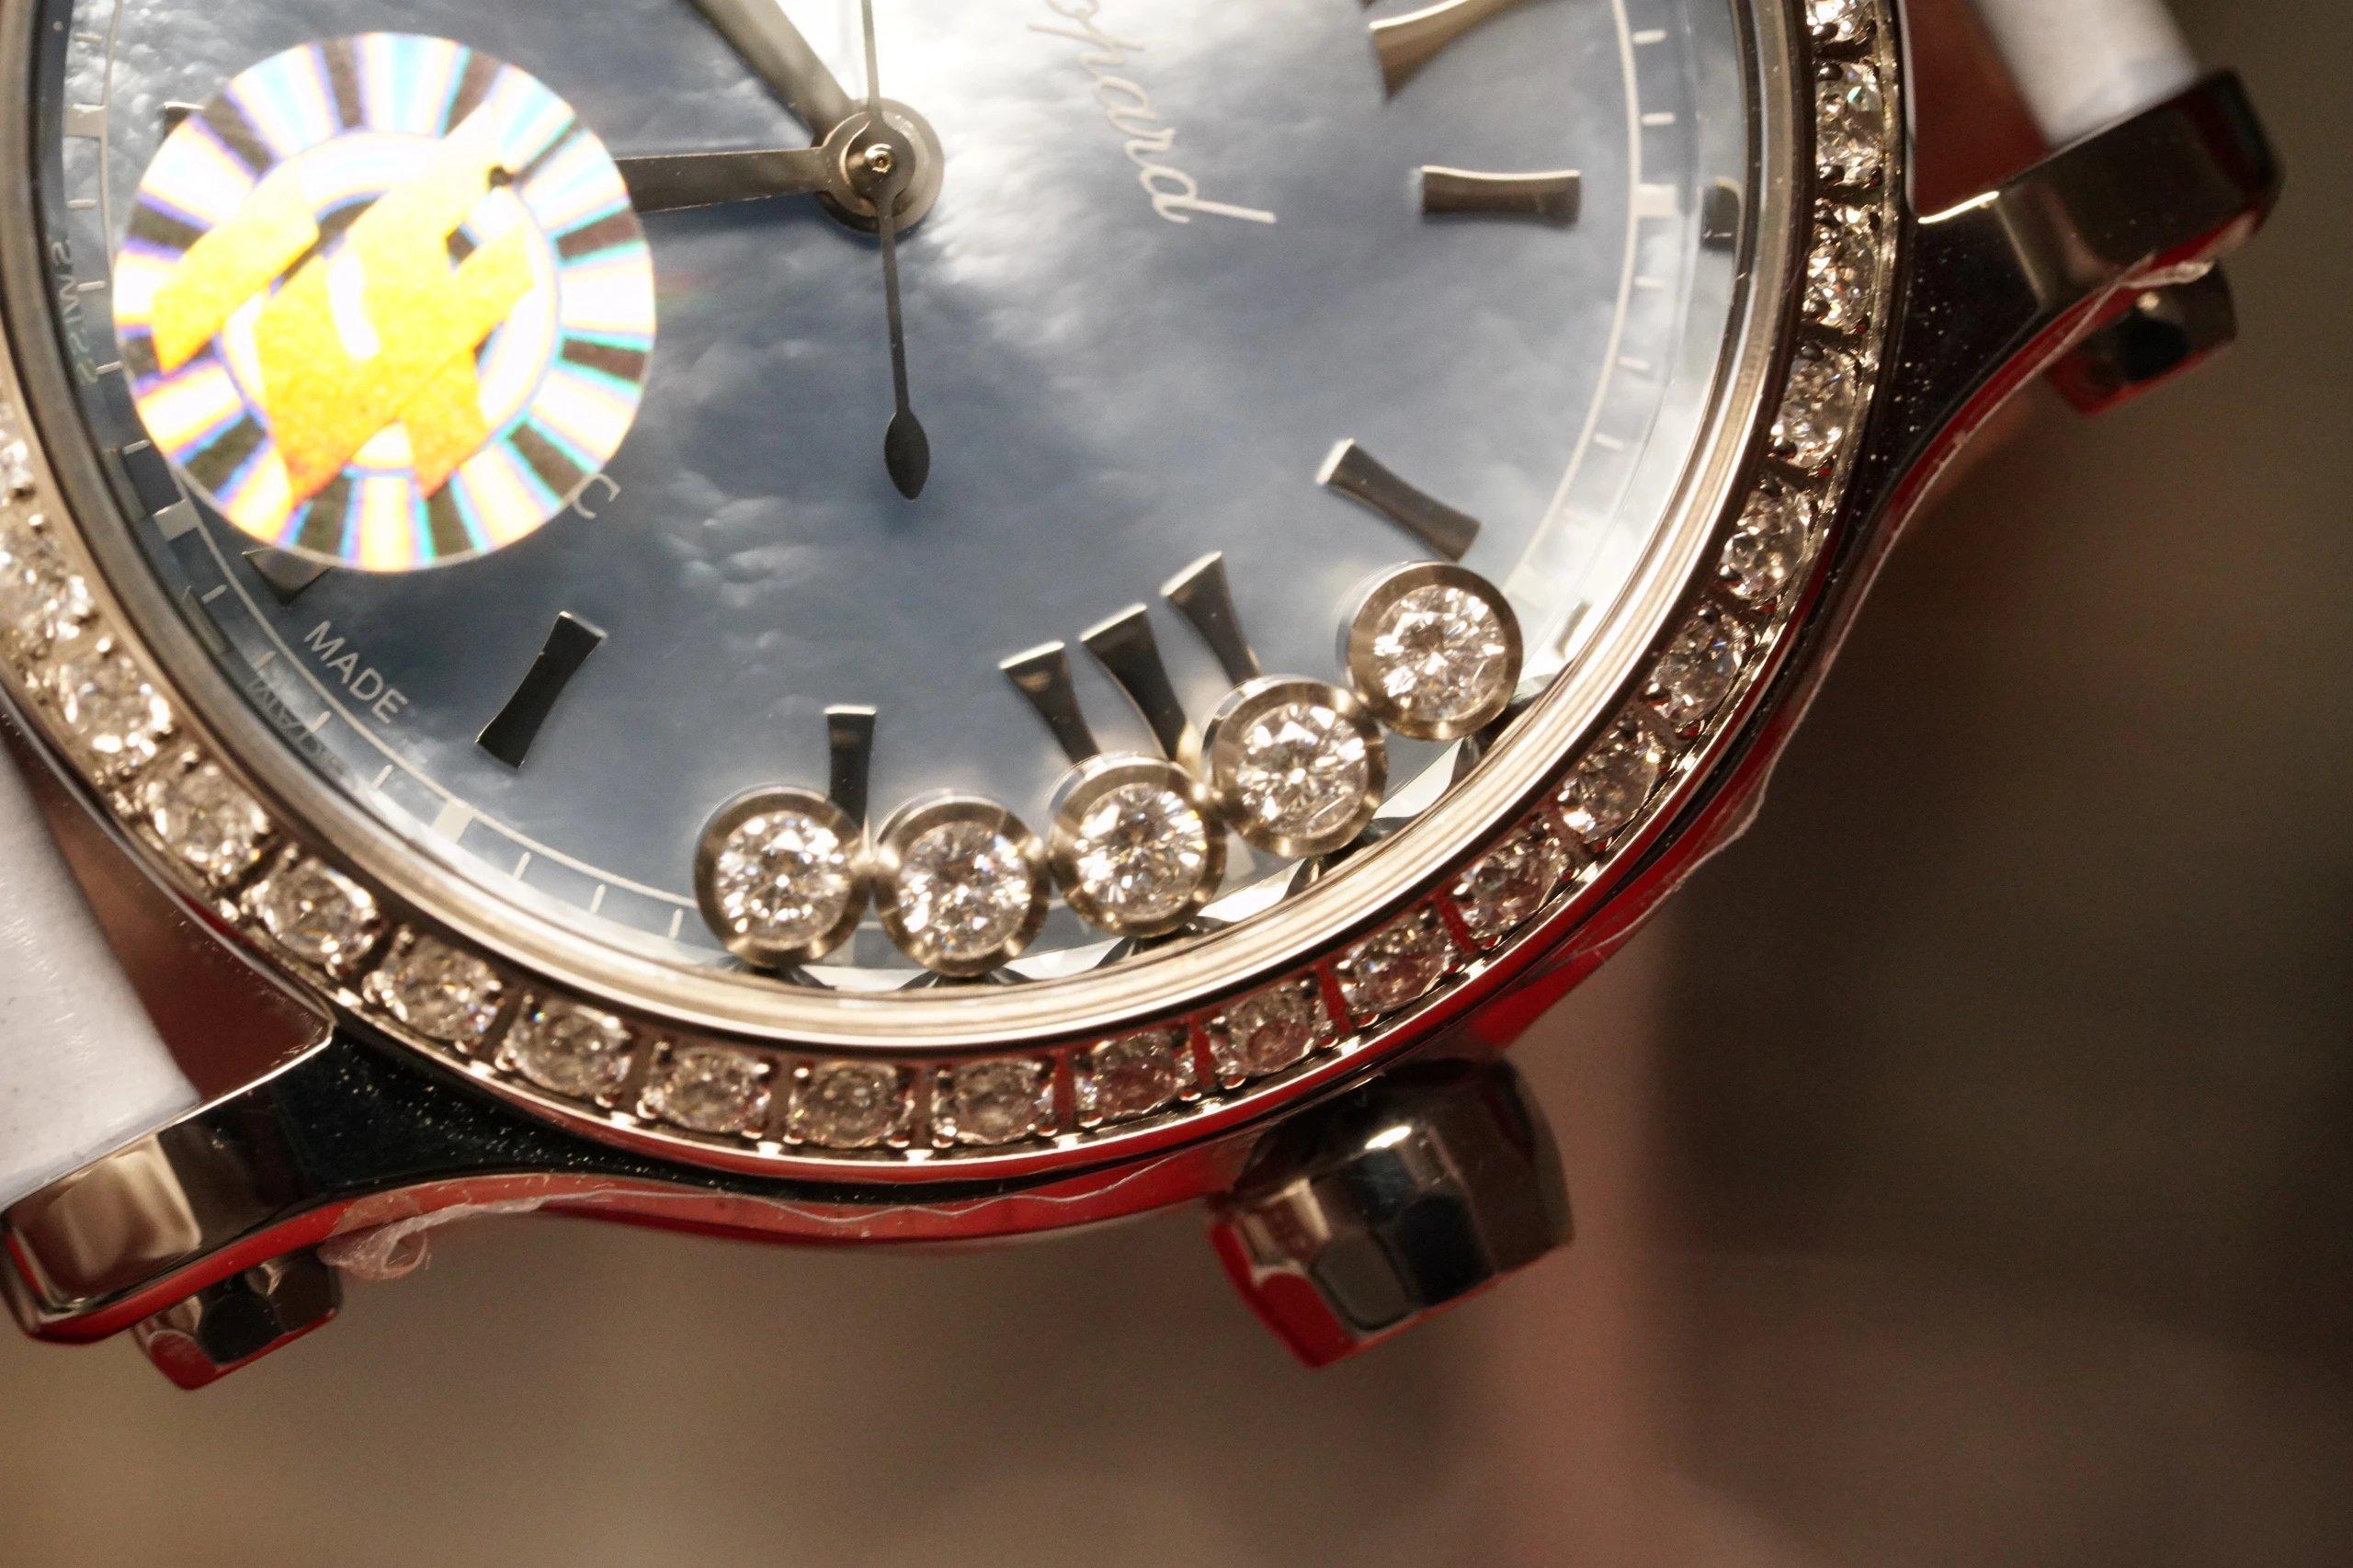 """ZF最高版本萧邦快乐钻33mm这个尺寸简直不要太完美…之前出的30太小36又太大、现在不用纠结尺寸了,快乐无忧!瑞士壳厂打磨精细壳套舞动的快乐钻石""""有金有钻""""寓意有进有赚钻石恒久远"""